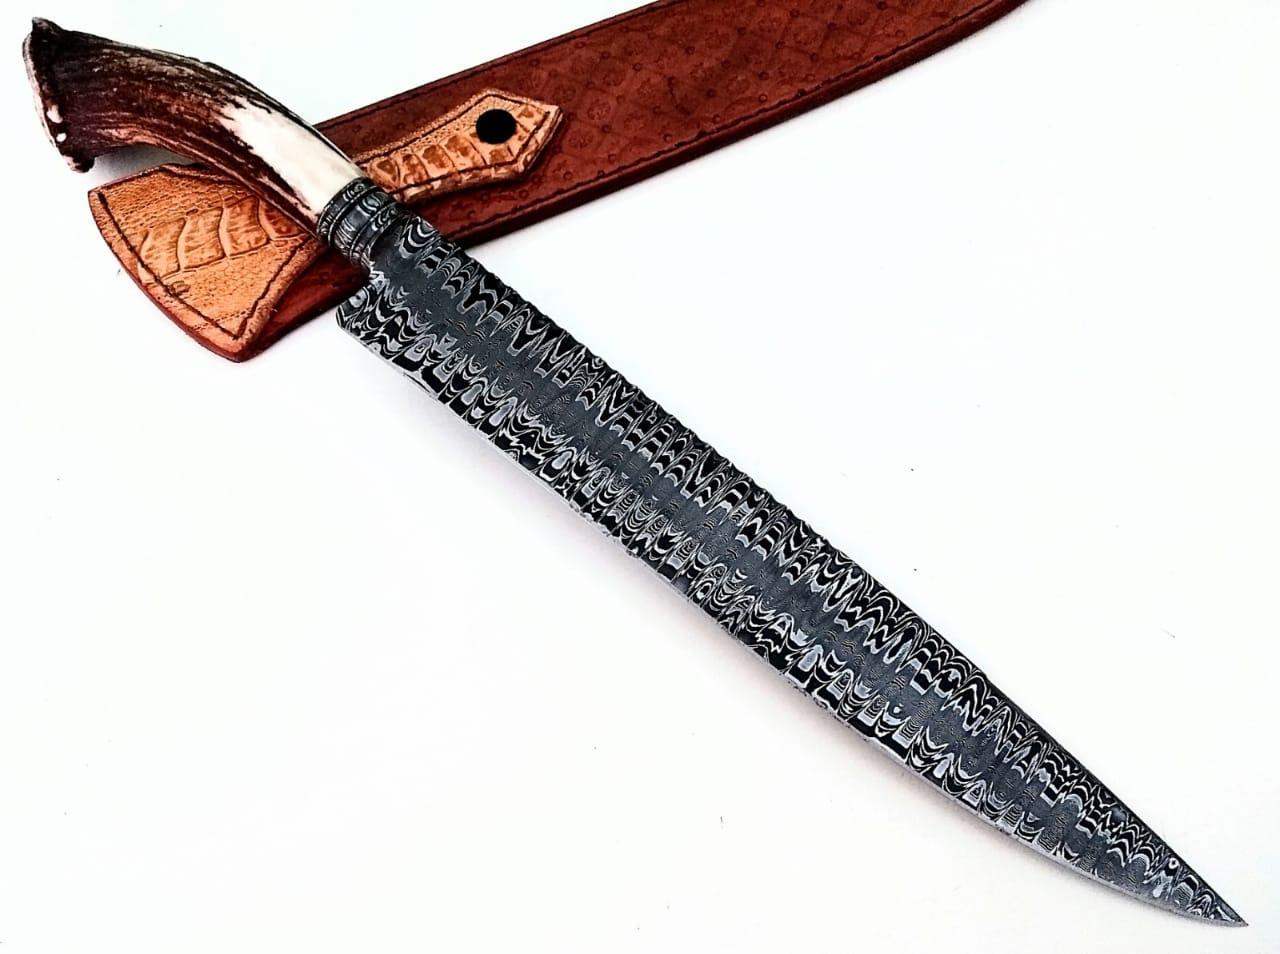 Faca artesanal campeira forjada em aço de damasco axis coroado 12 polegadas